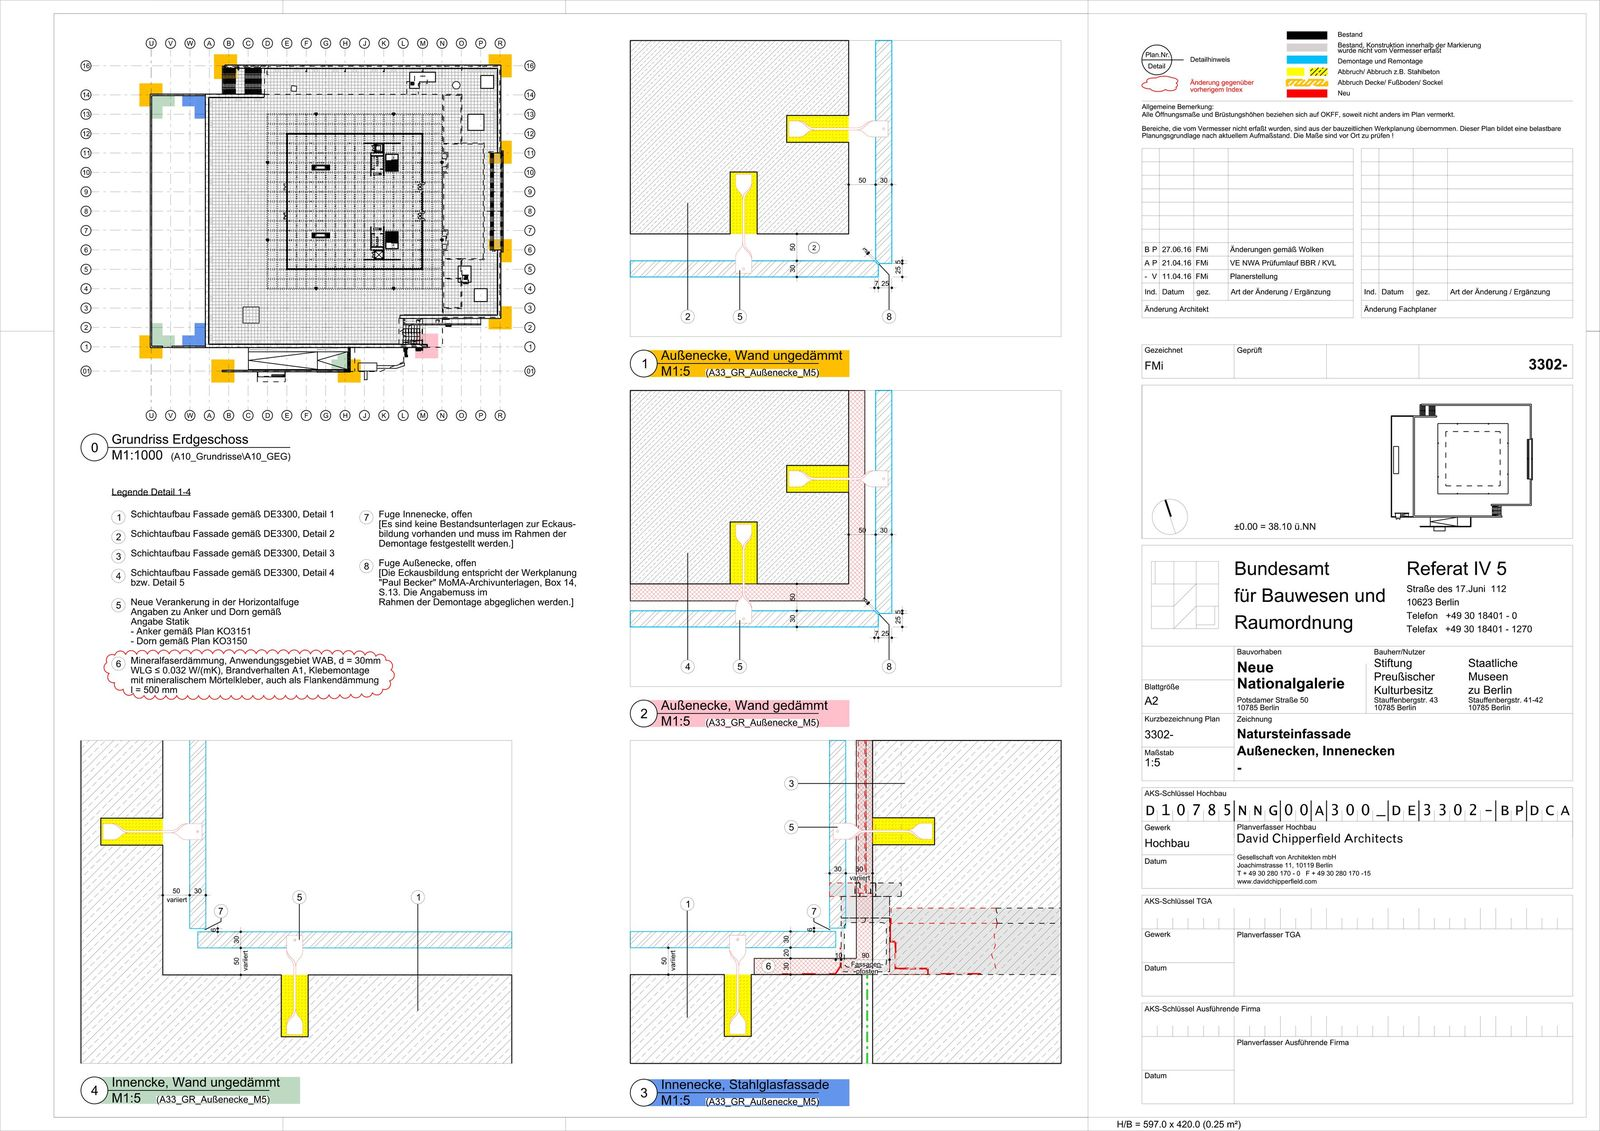 © David Chipperfield Architects für Bundesamt für Bauwesen und Raumordnung (BBR)